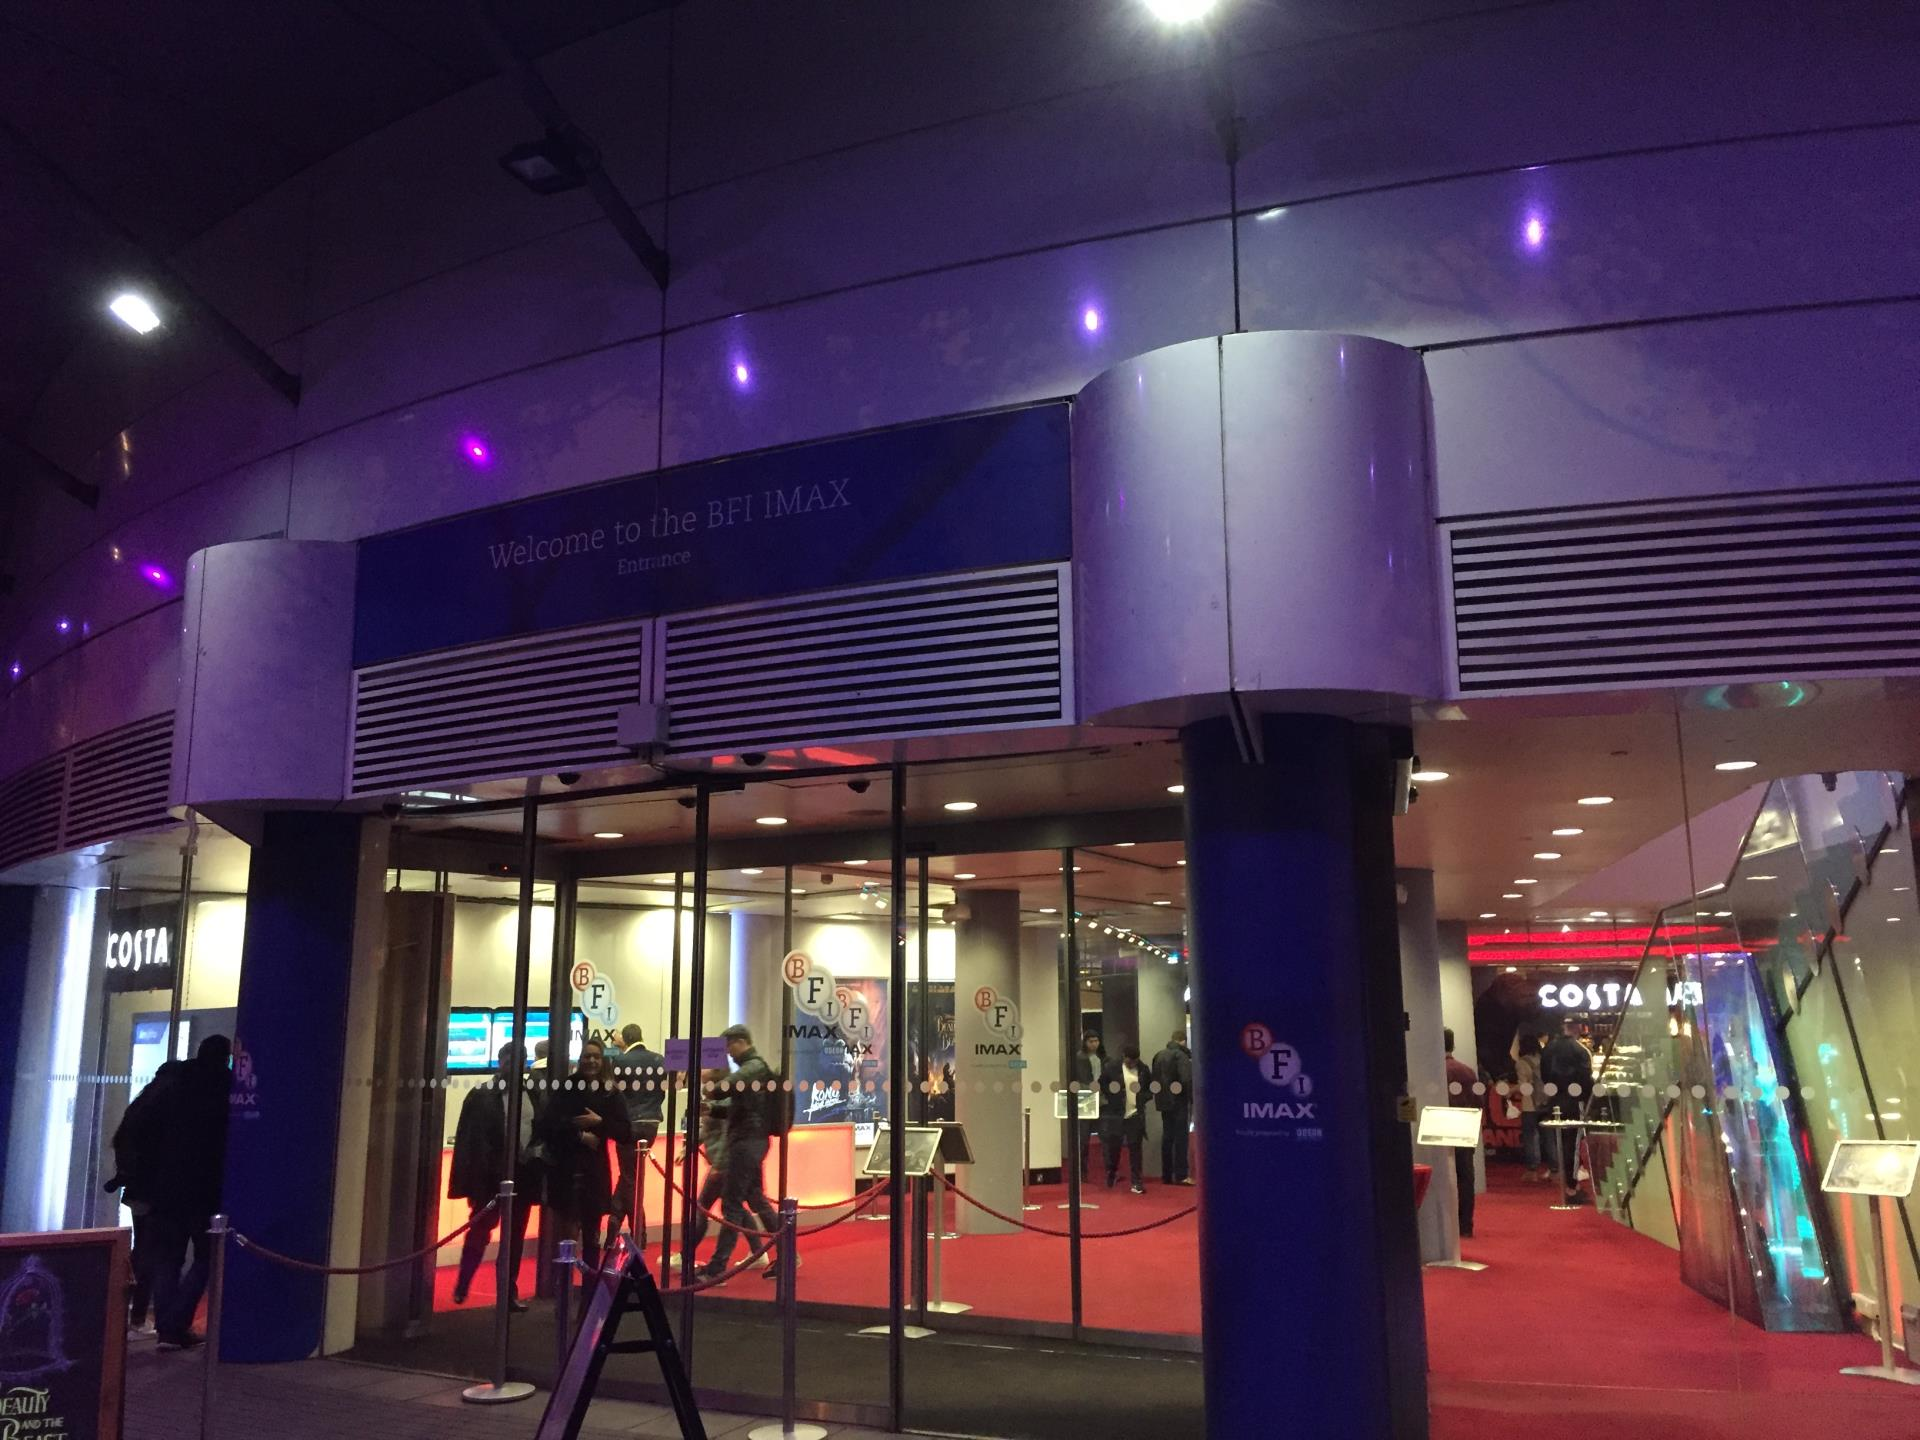 BFI IMAX Entrance.